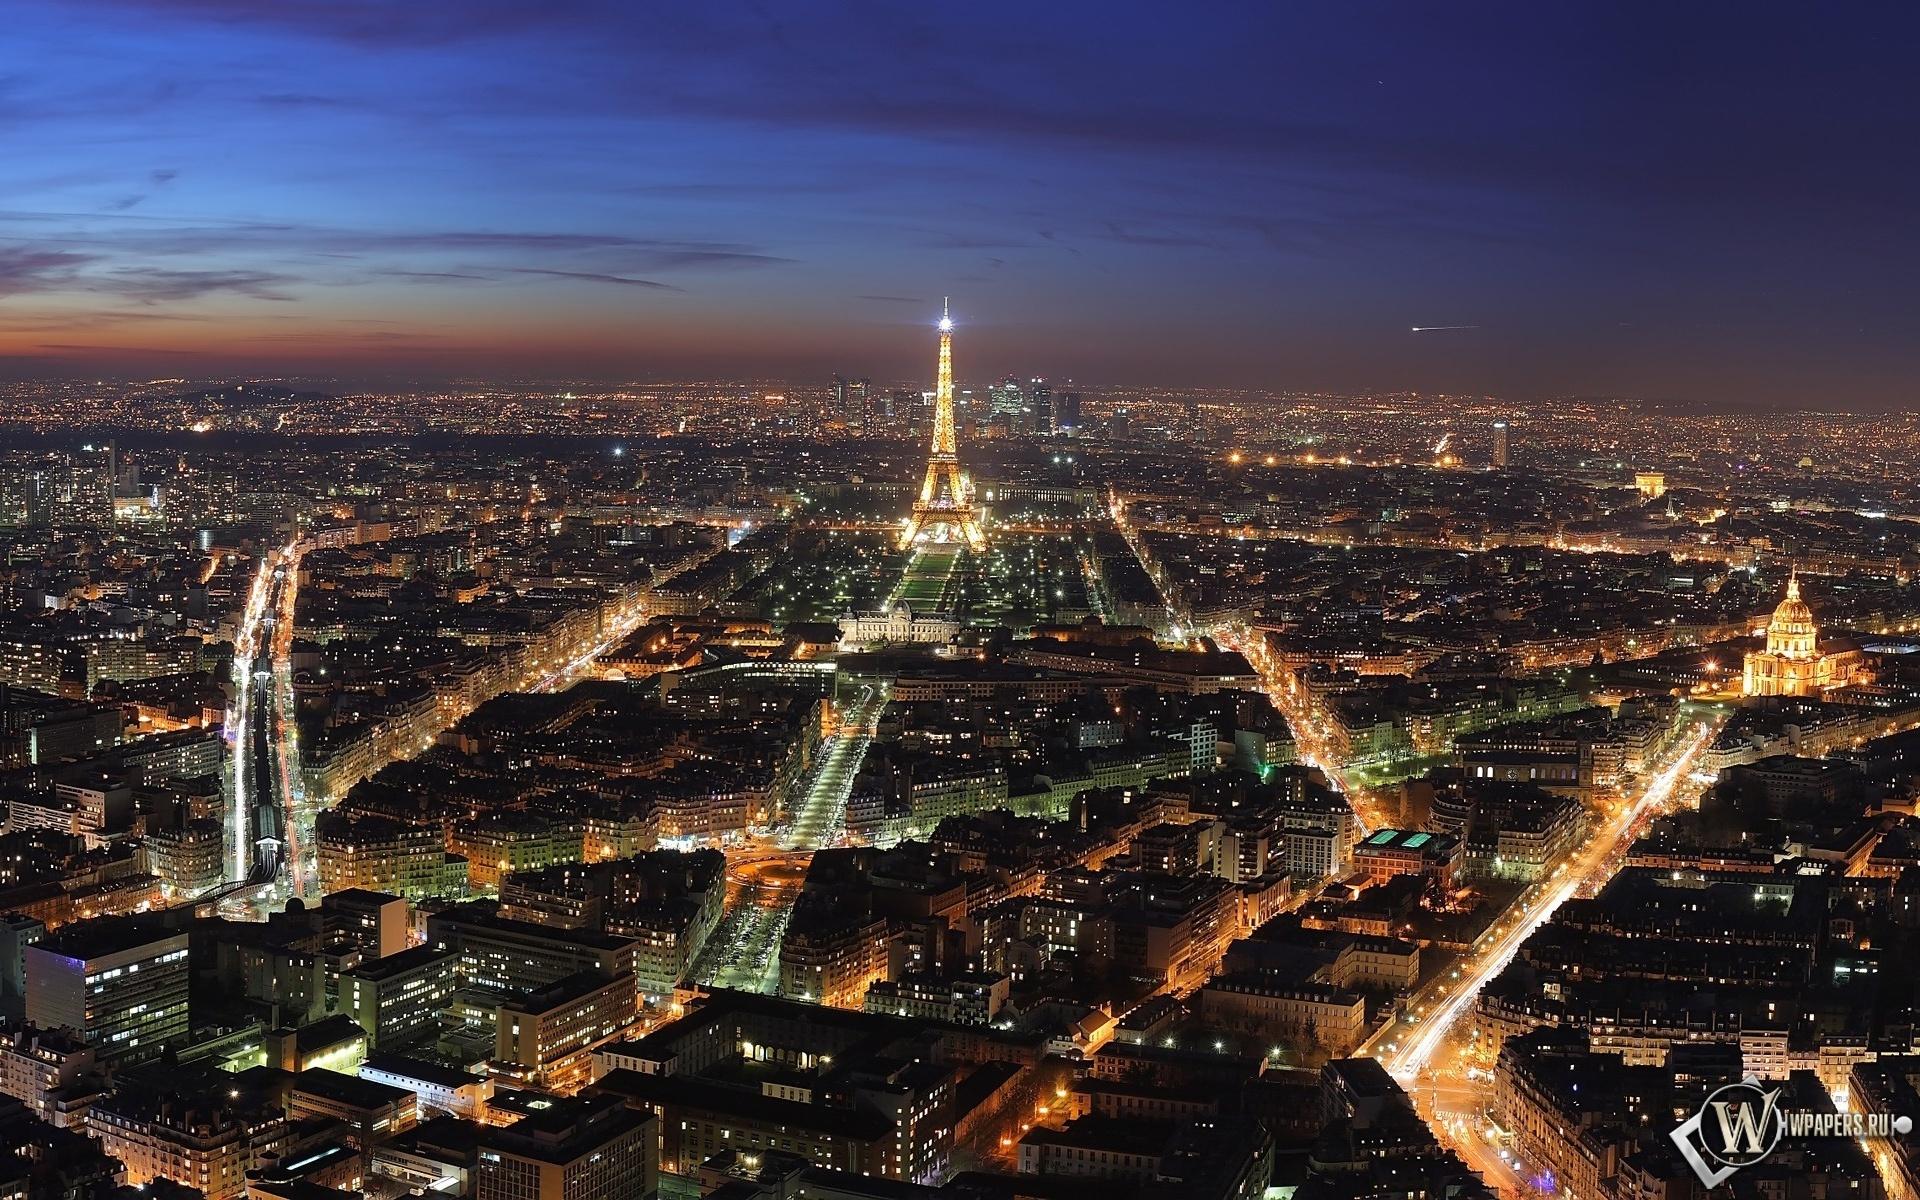 Огни Парижа 1920x1200